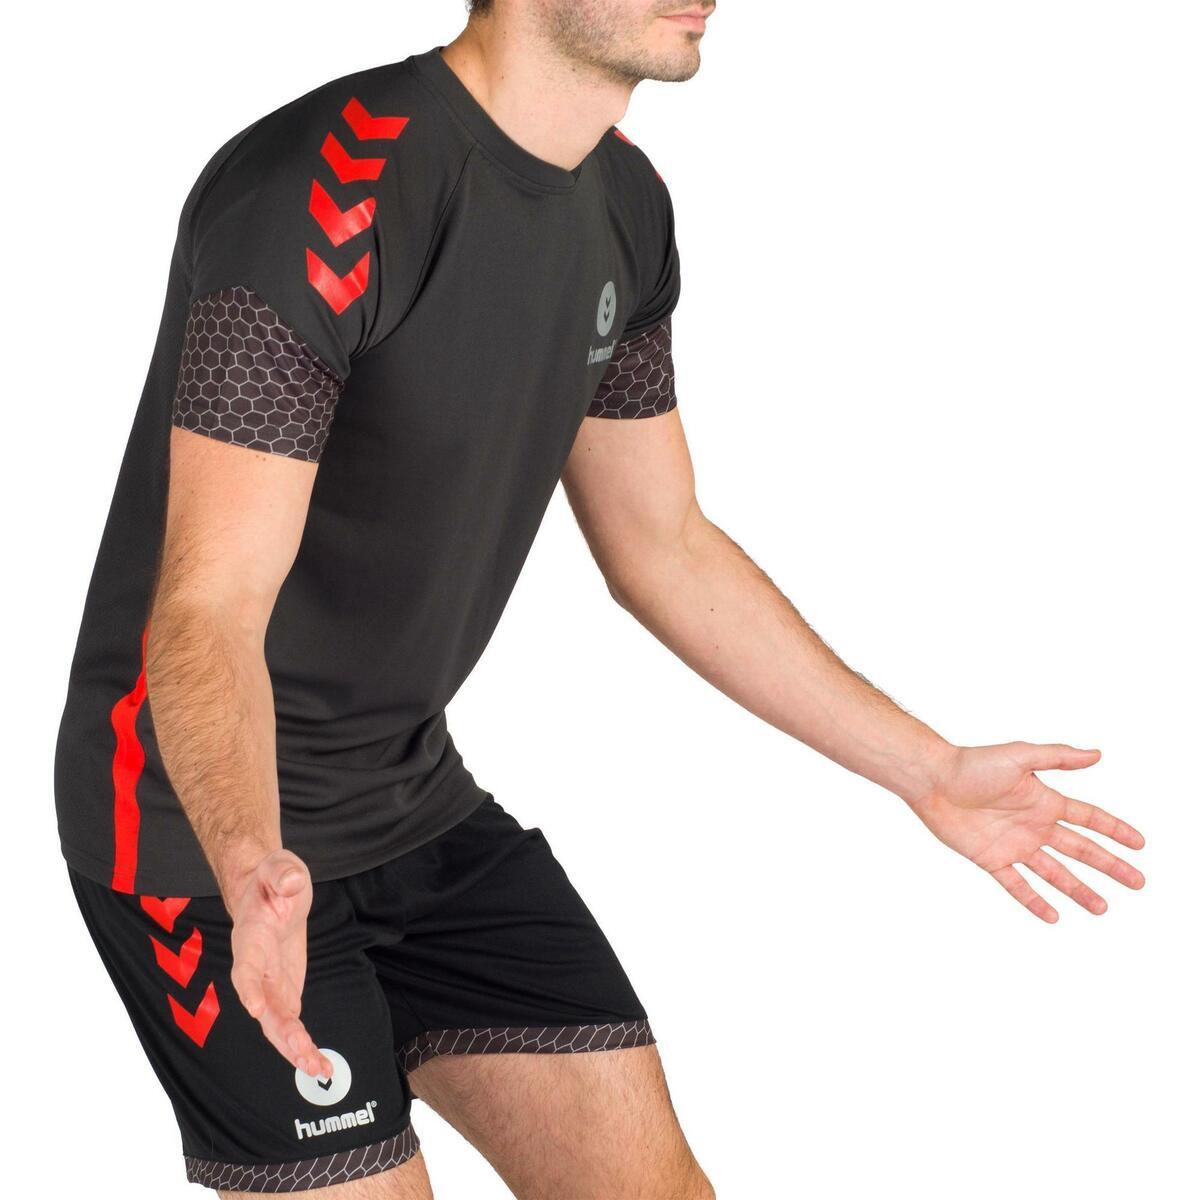 Bild 3 von Handballtrikot Herren grau/rot